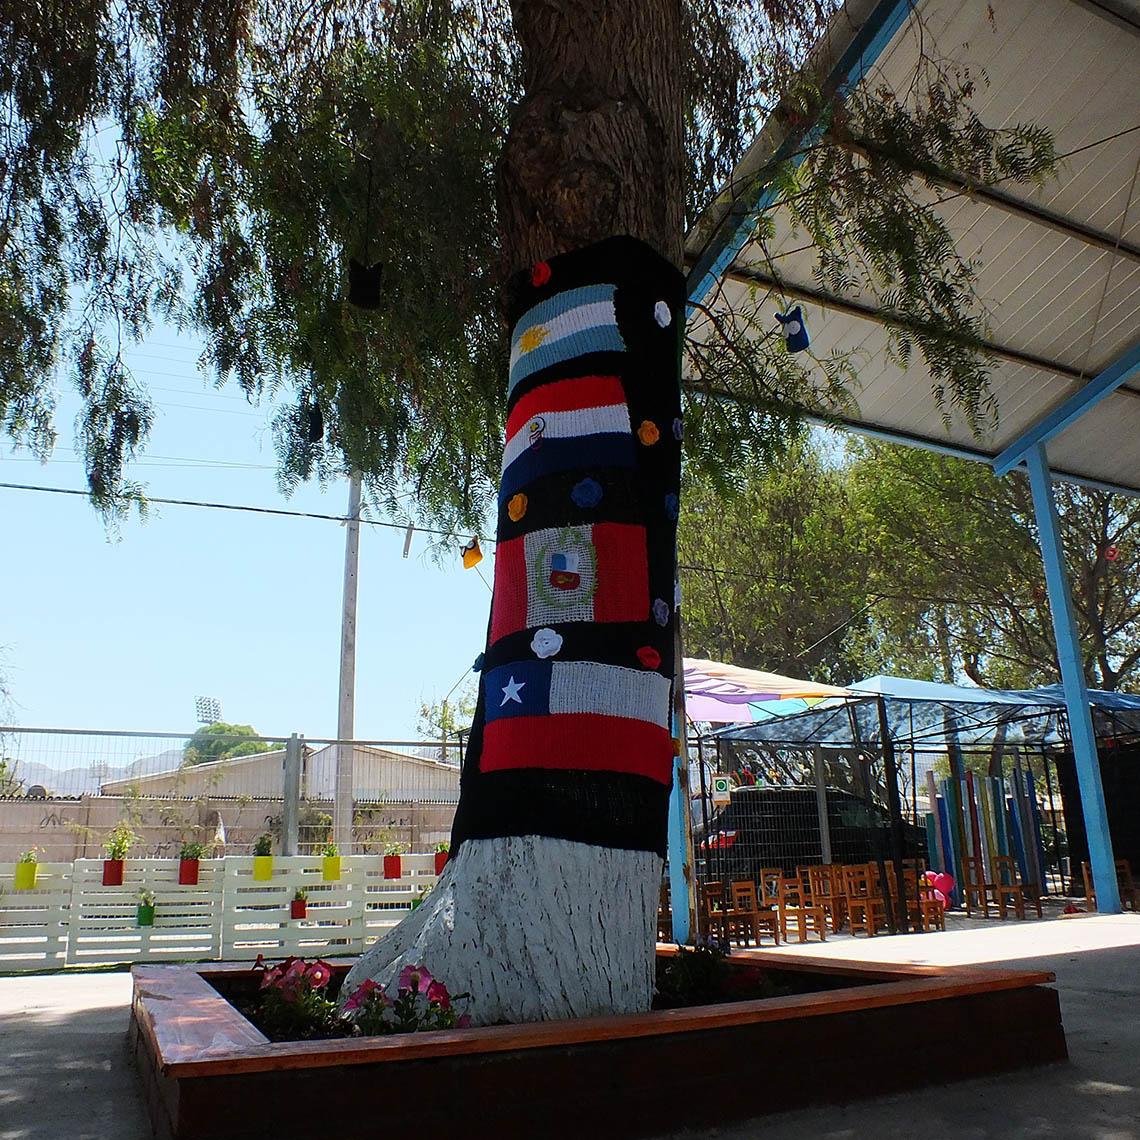 El jardín infantil Las Campanitas realiza intervención de áreas verdes para fomentar y valorar el medio ambiente.